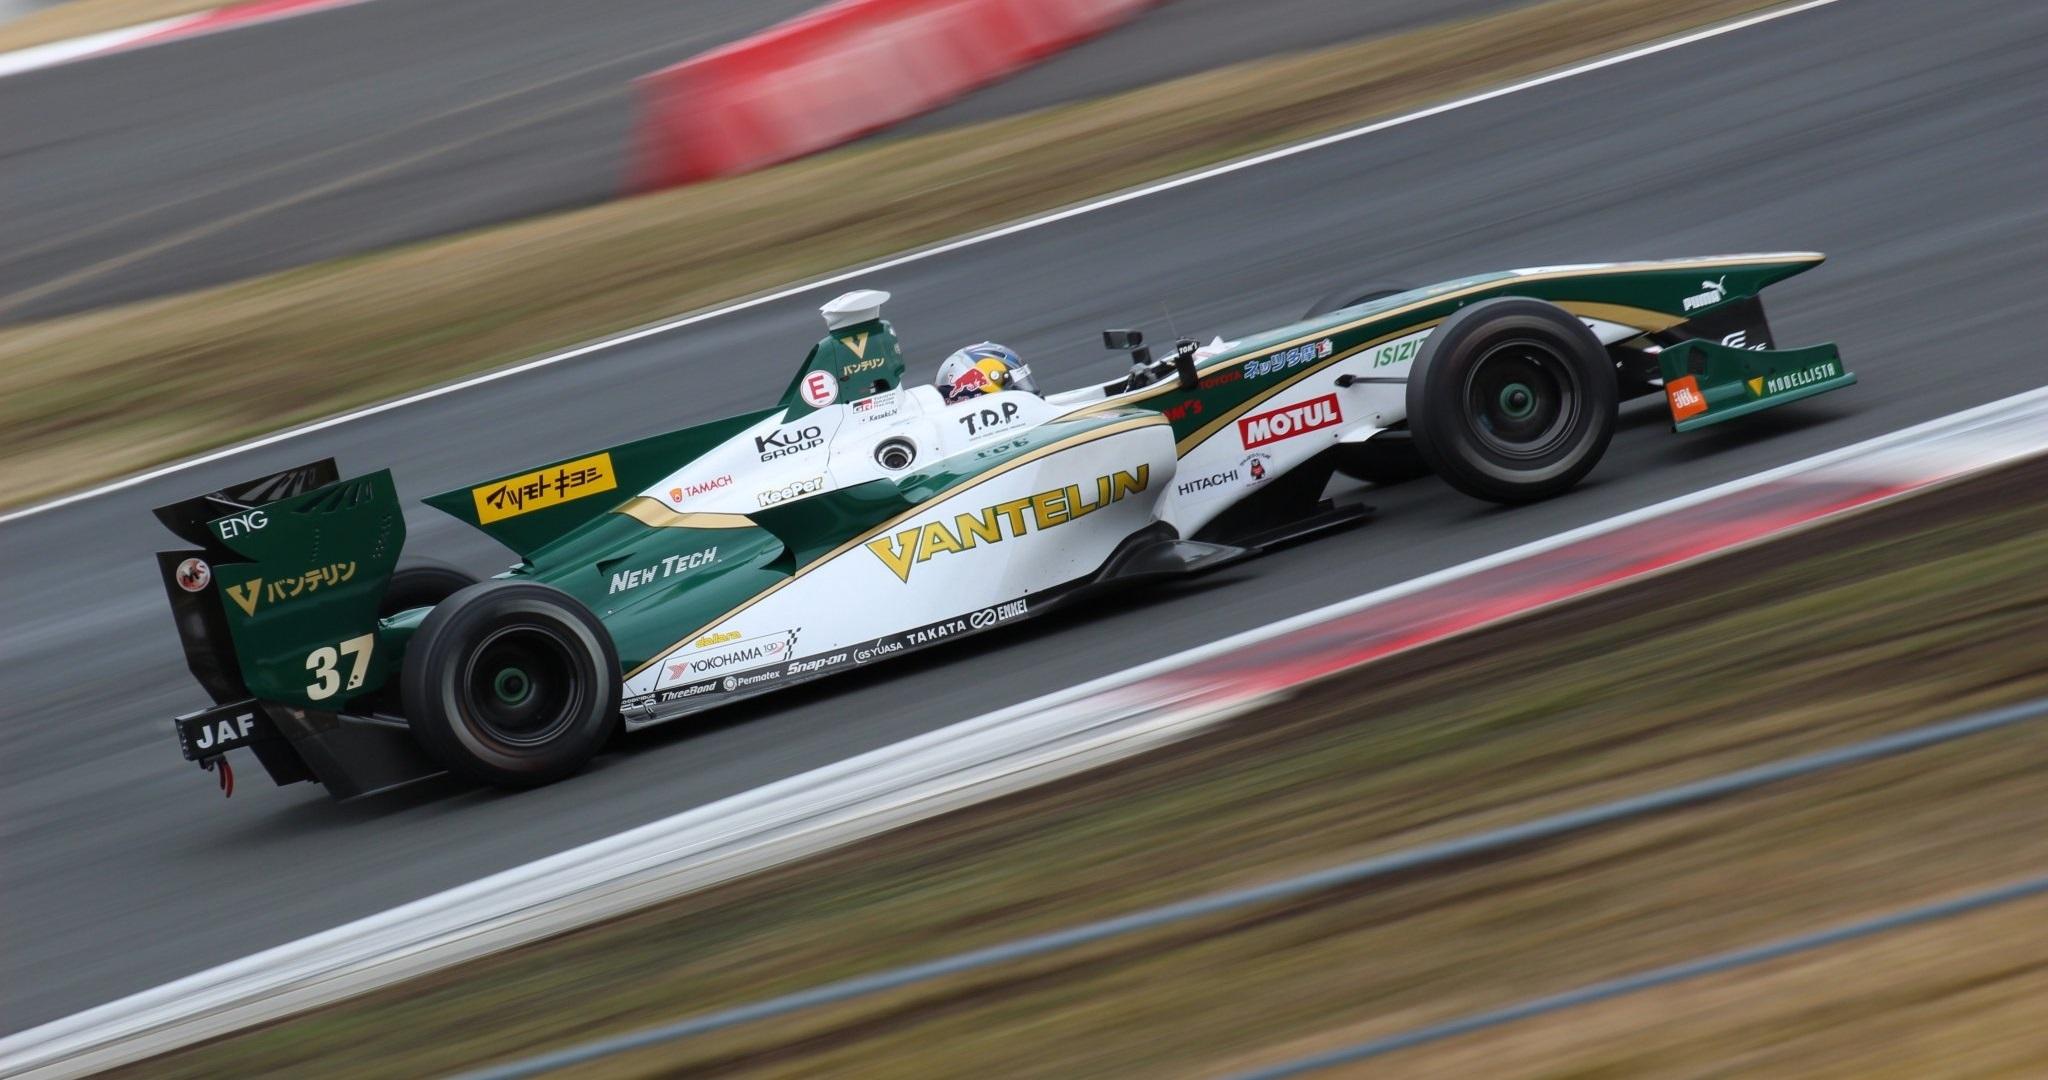 Ryo Hirakawa TOM'S Test Super Formula 2017 Fuji